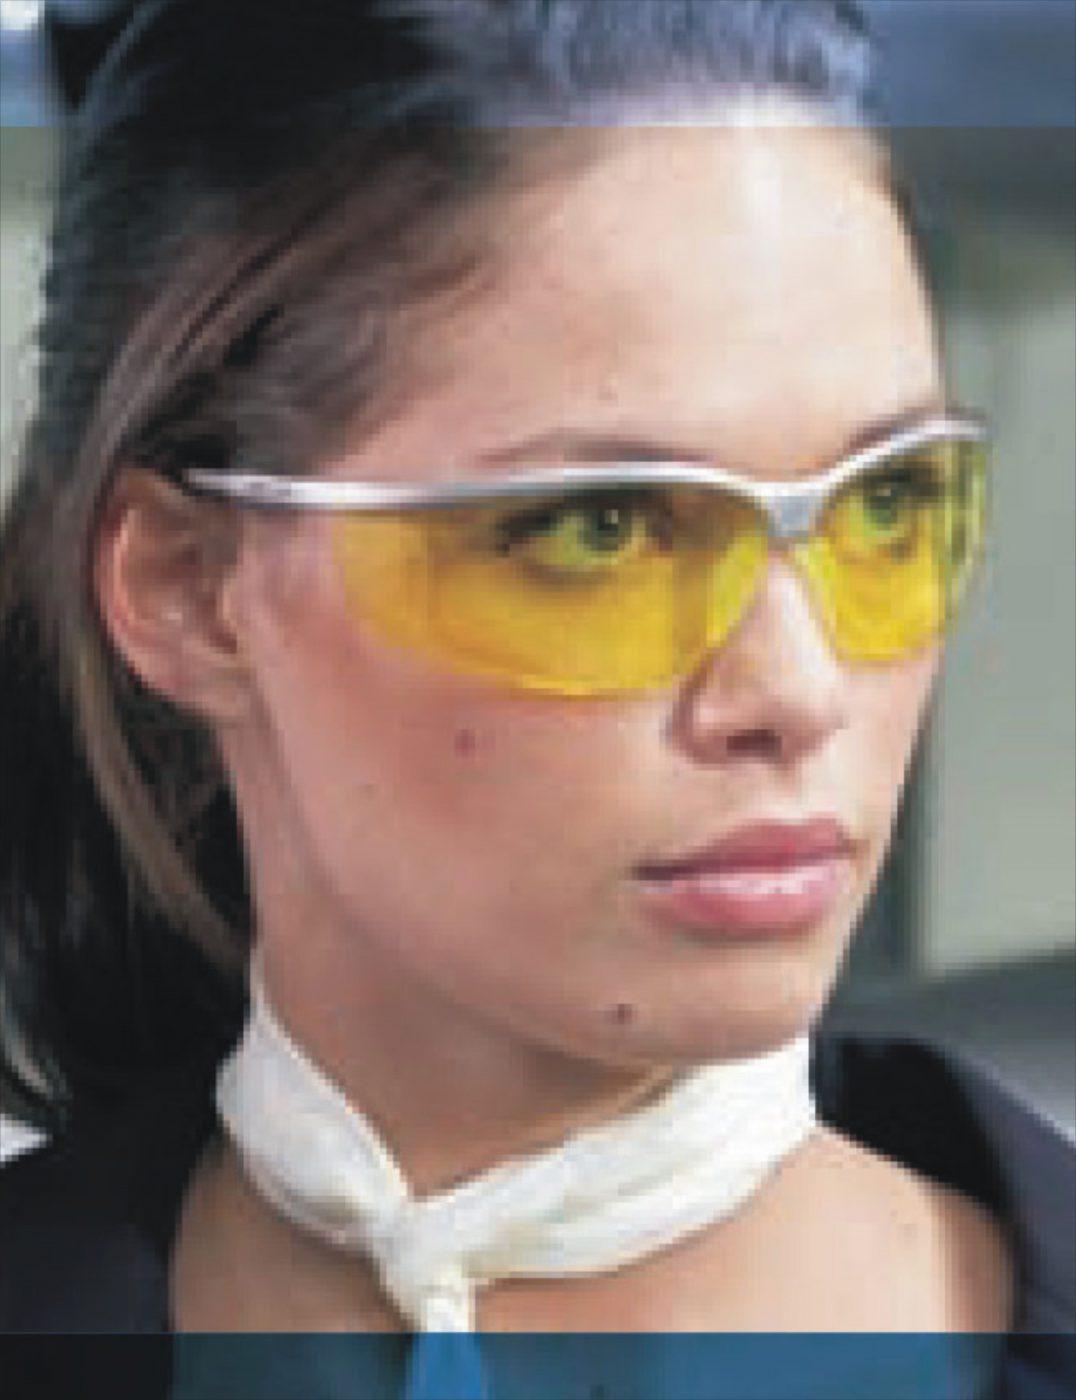 Protezioni oculari genriche